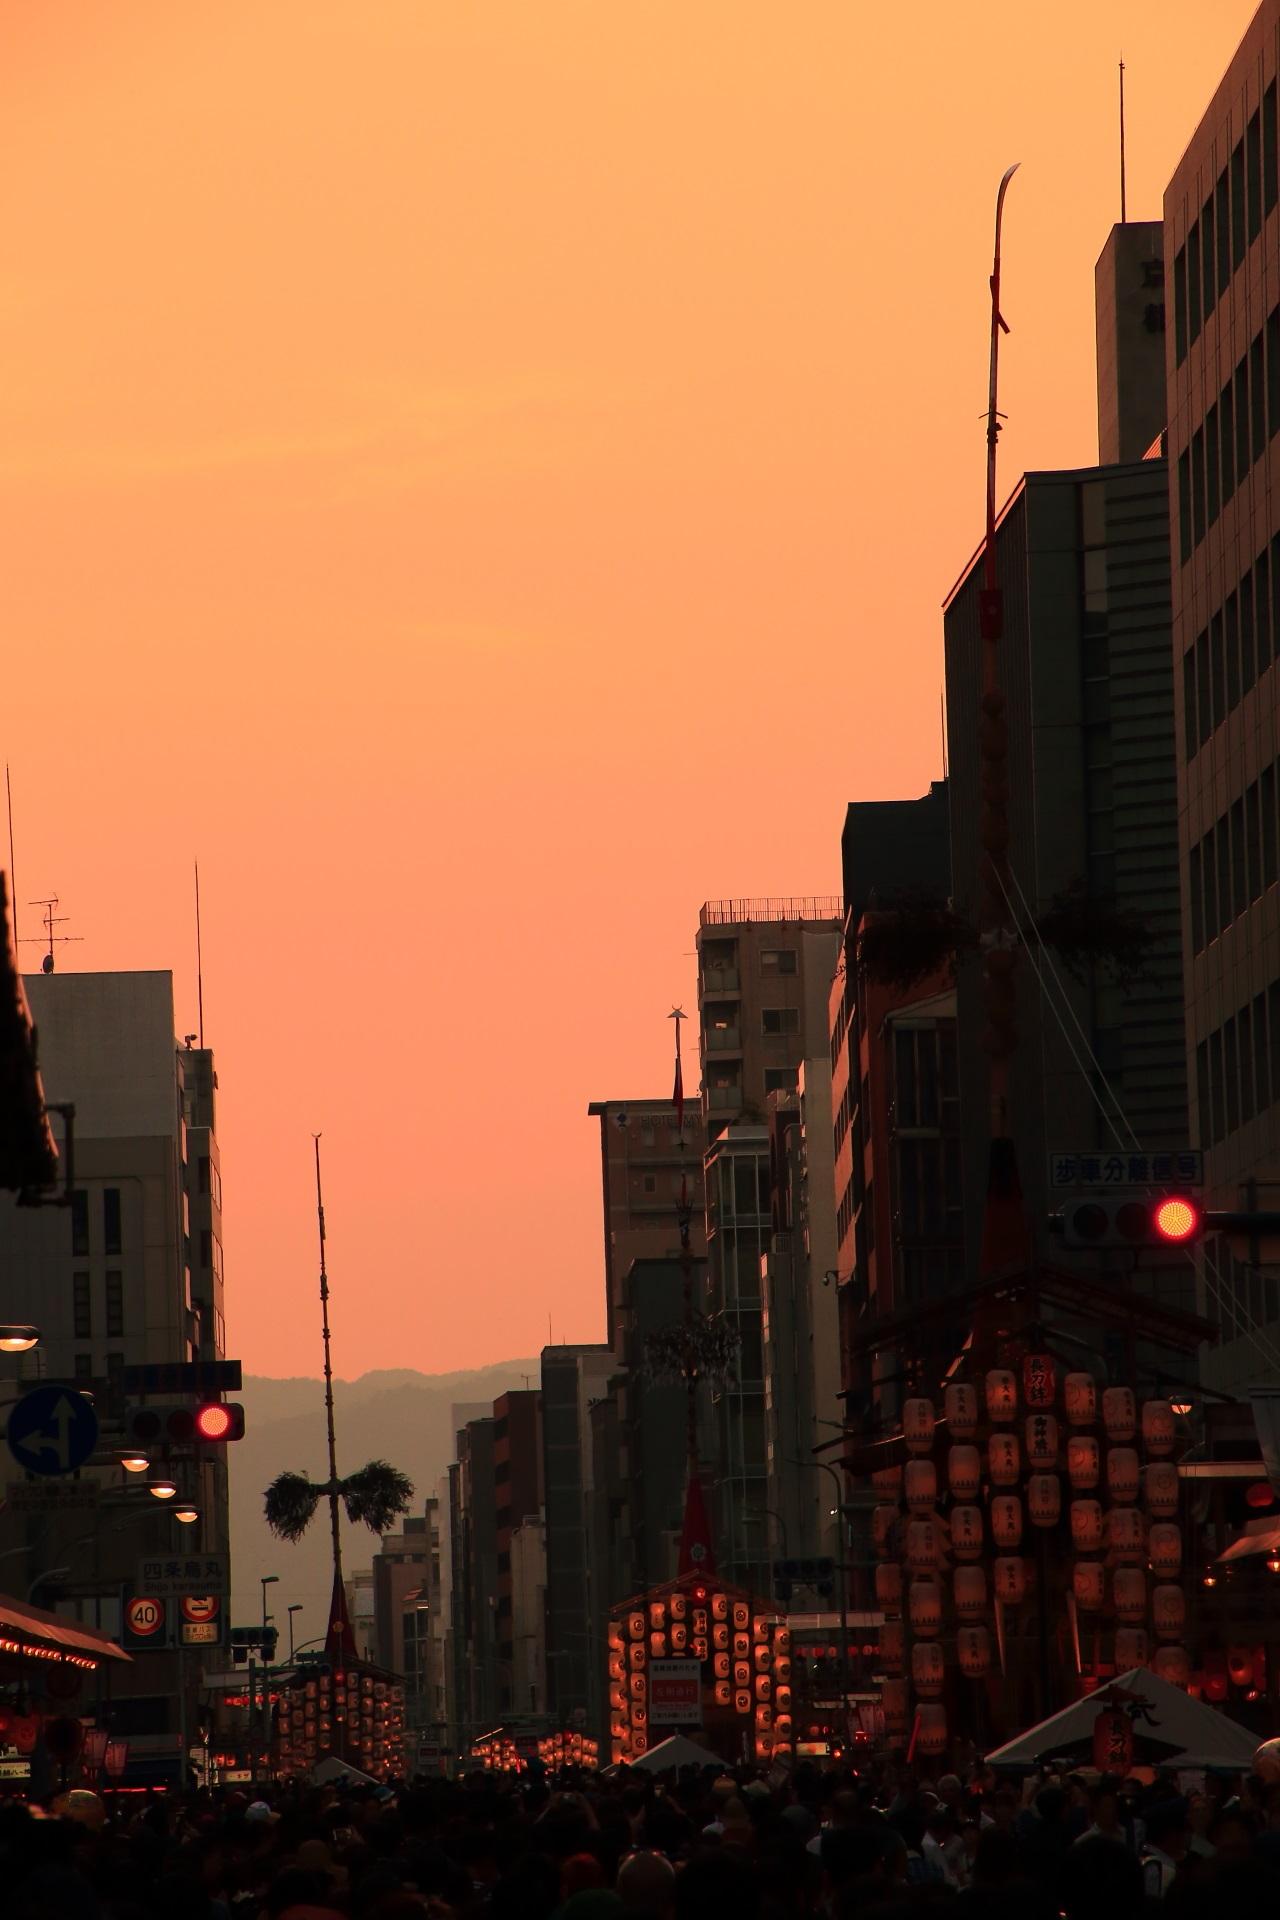 夕焼けにつつまれる西の空と宵山